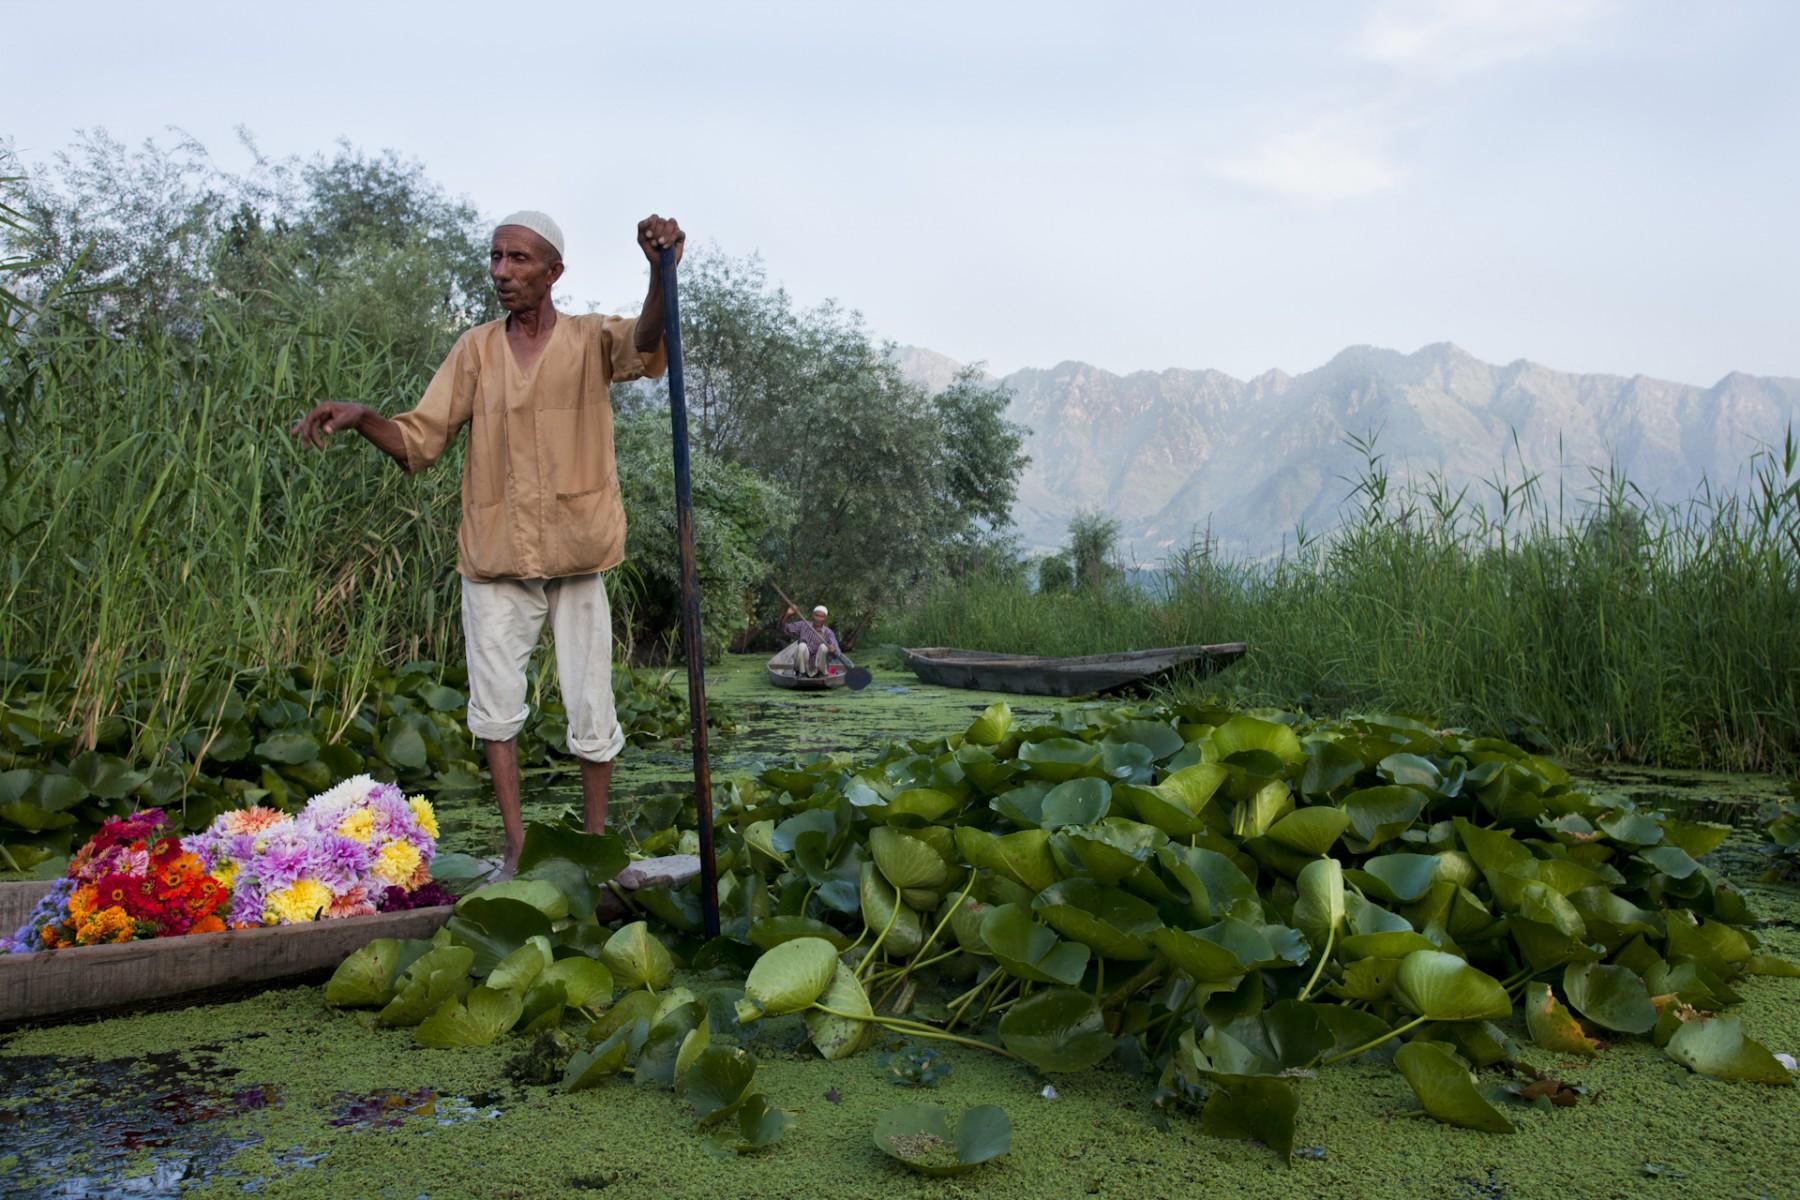 Flower seller Kashmir